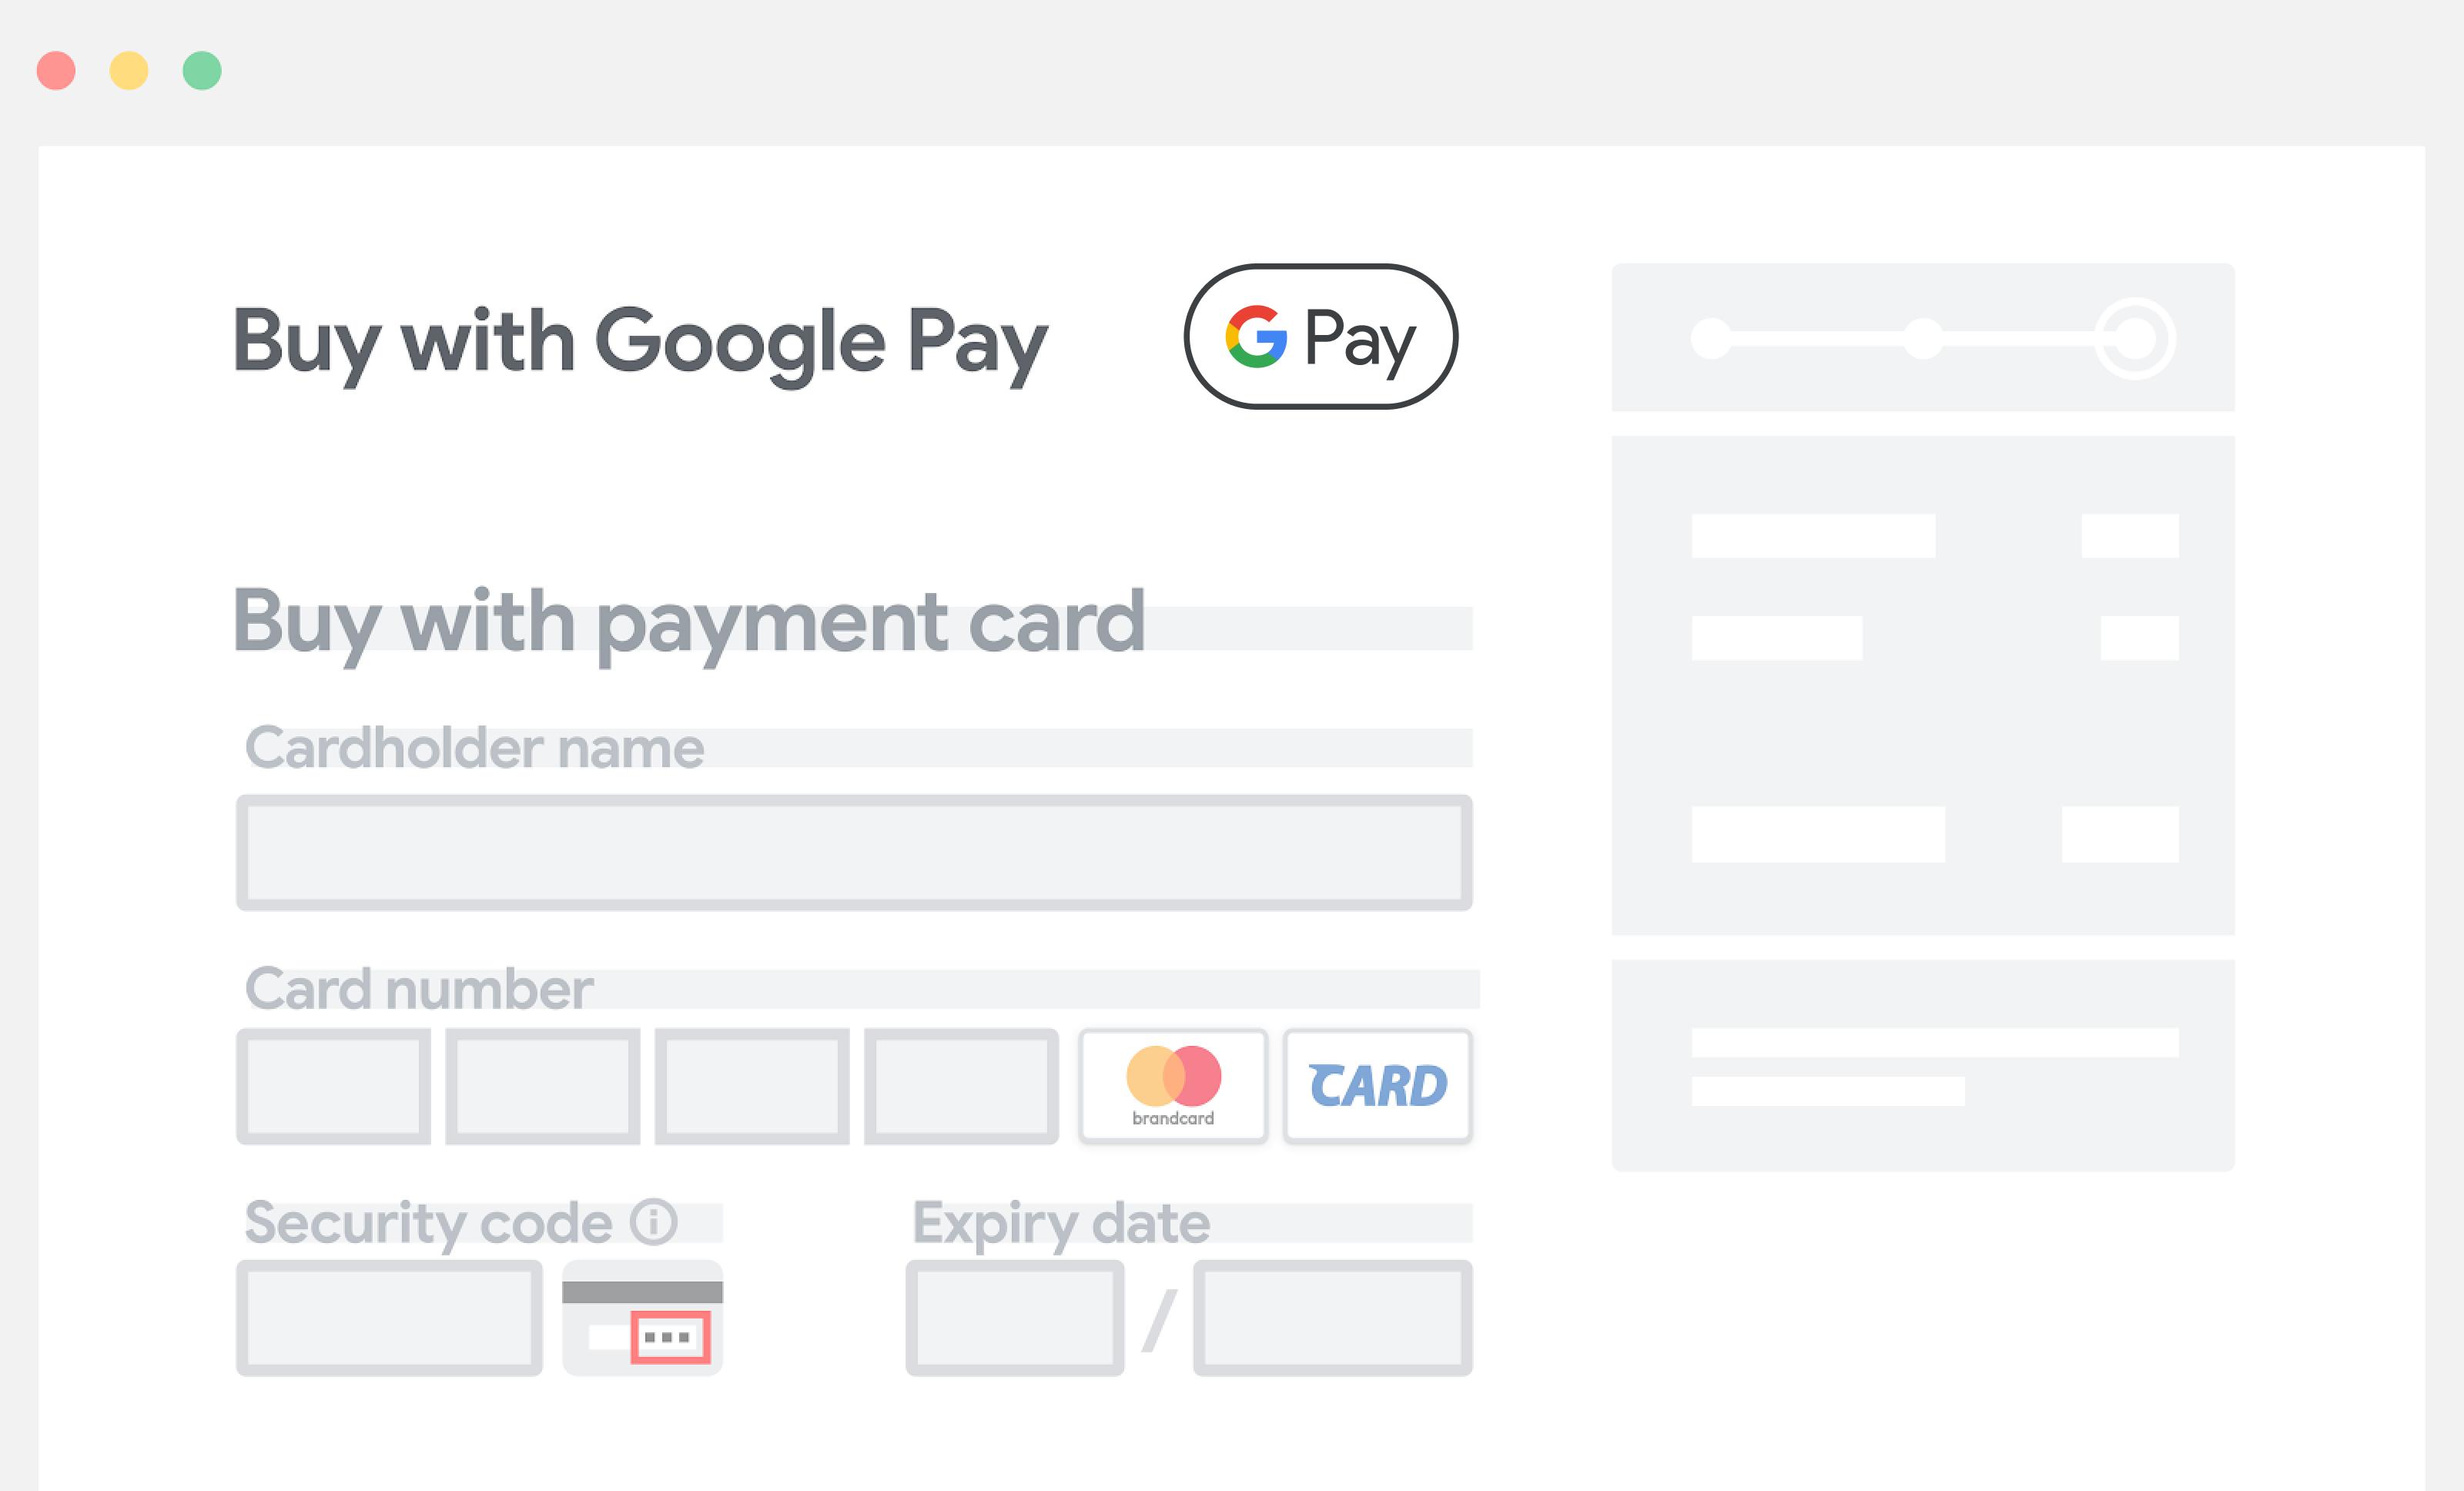 Colocar o Google Pay acima dos campos de entrada manual das informações de pagamento.